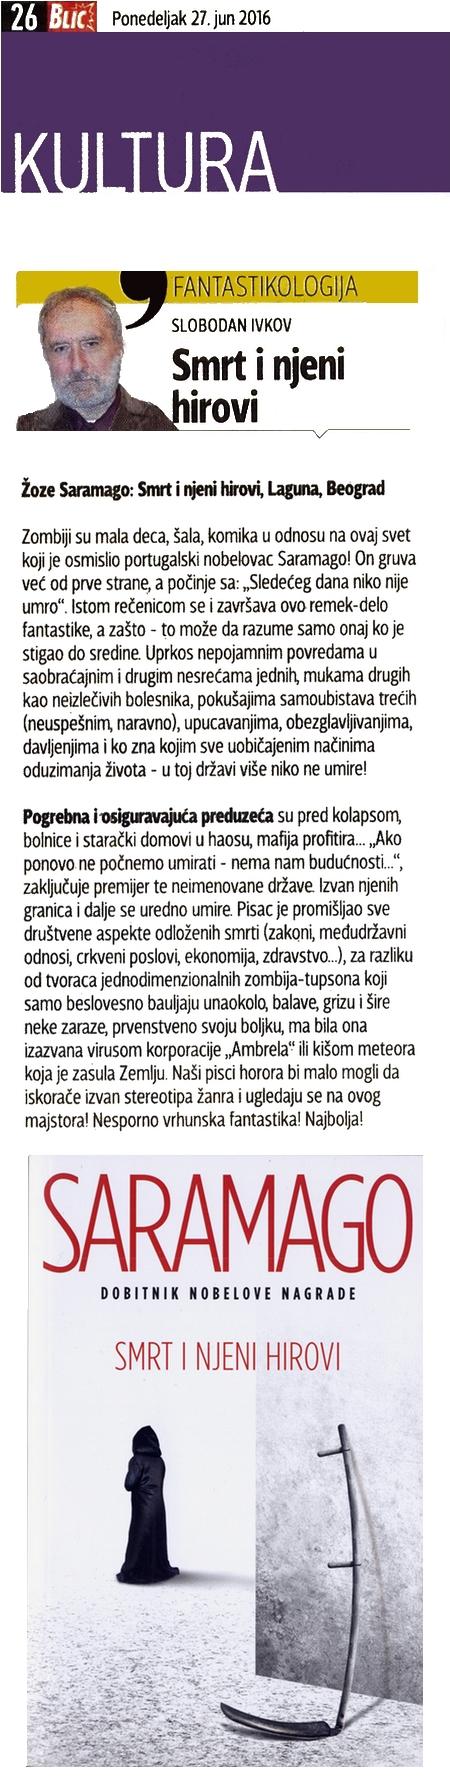 Žoze Saramago - SMRT I NJENI HIROVI